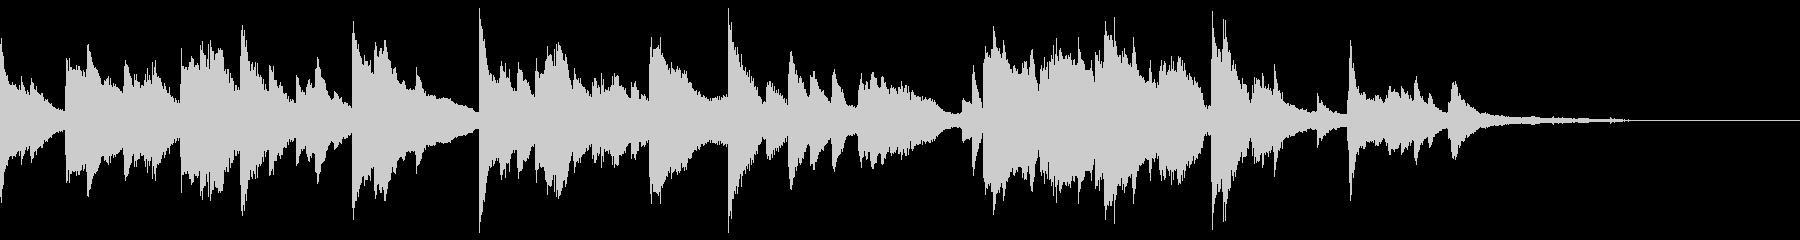 ピアノソロ・ポストクラシカル・幻想的の未再生の波形